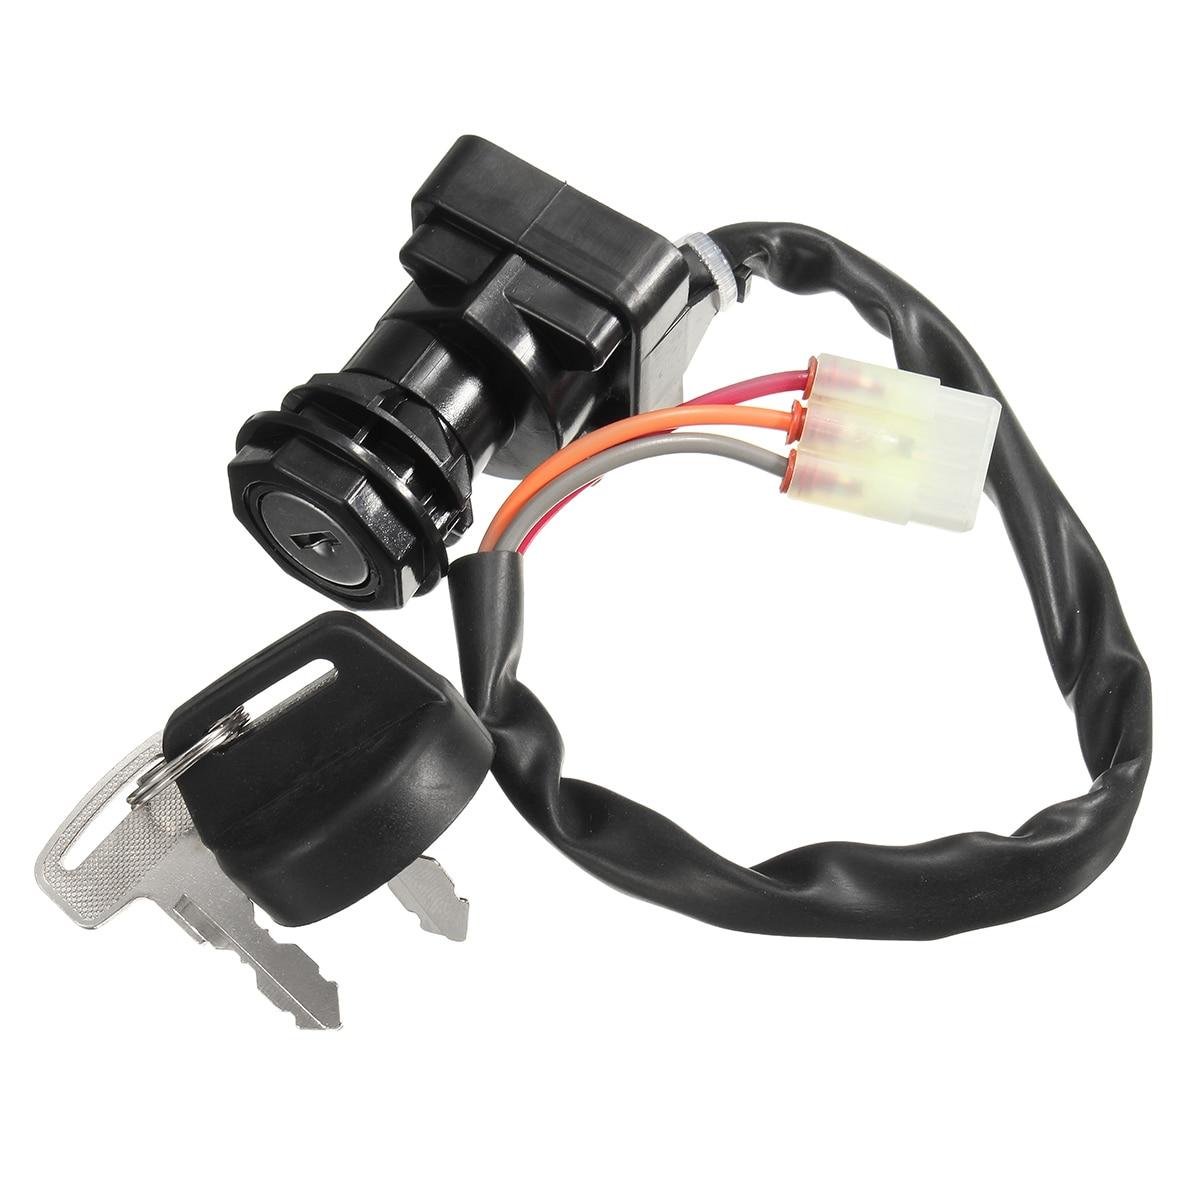 Ignition Key Switch With 2 Keys For SUZUKI LT-F250 For OZARK LTZ400Z ARCTIC CAT 500 AS1487SW126LM 37110-07G00 27005-S005